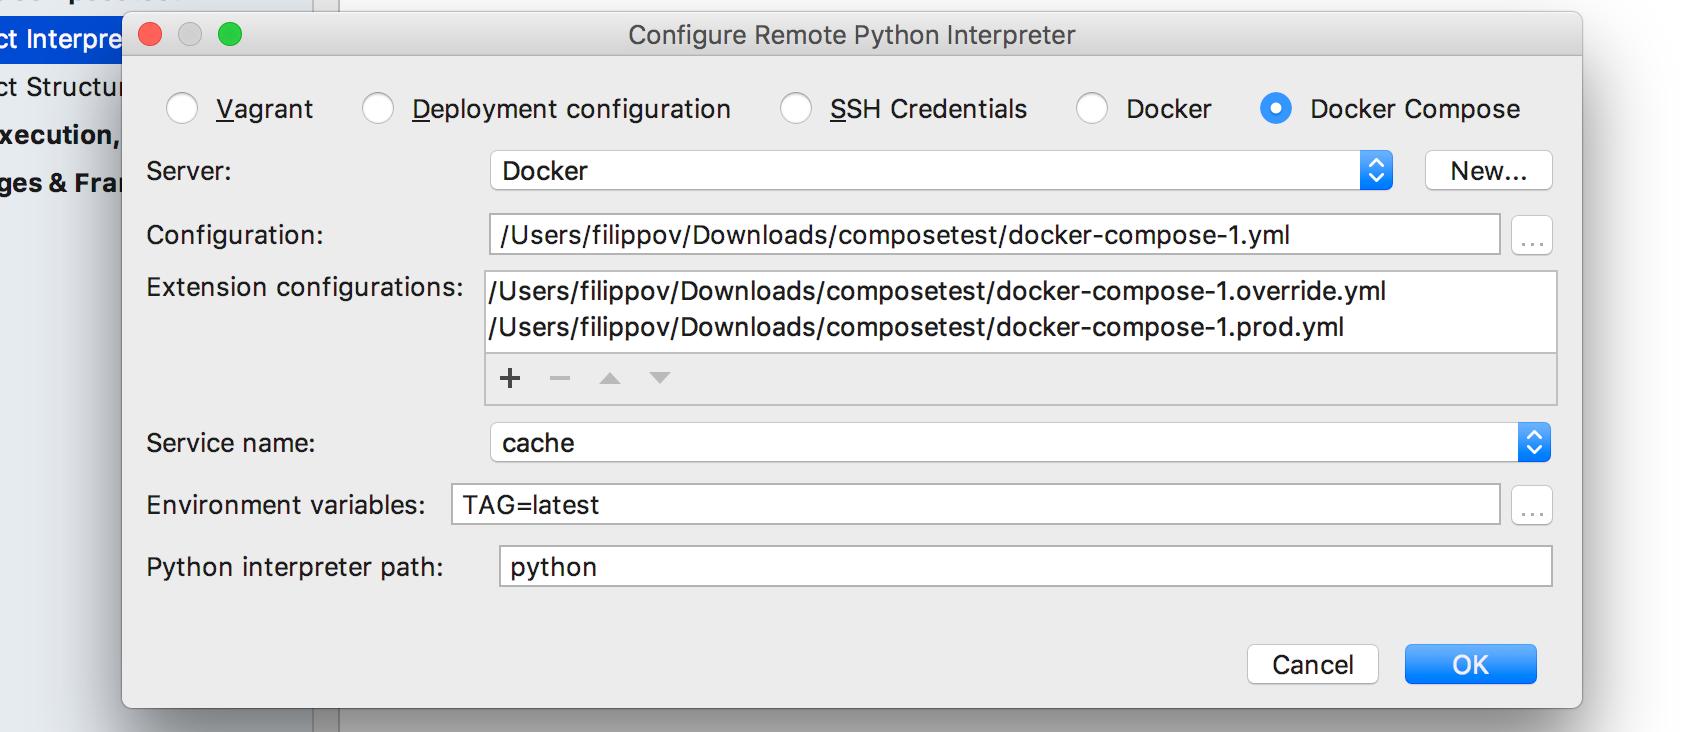 Релиз PyCharm 2016.3: Полная поддержка Python 3.6, улучшения в Python консоли, обозревателе переменных, и многое другое - 8